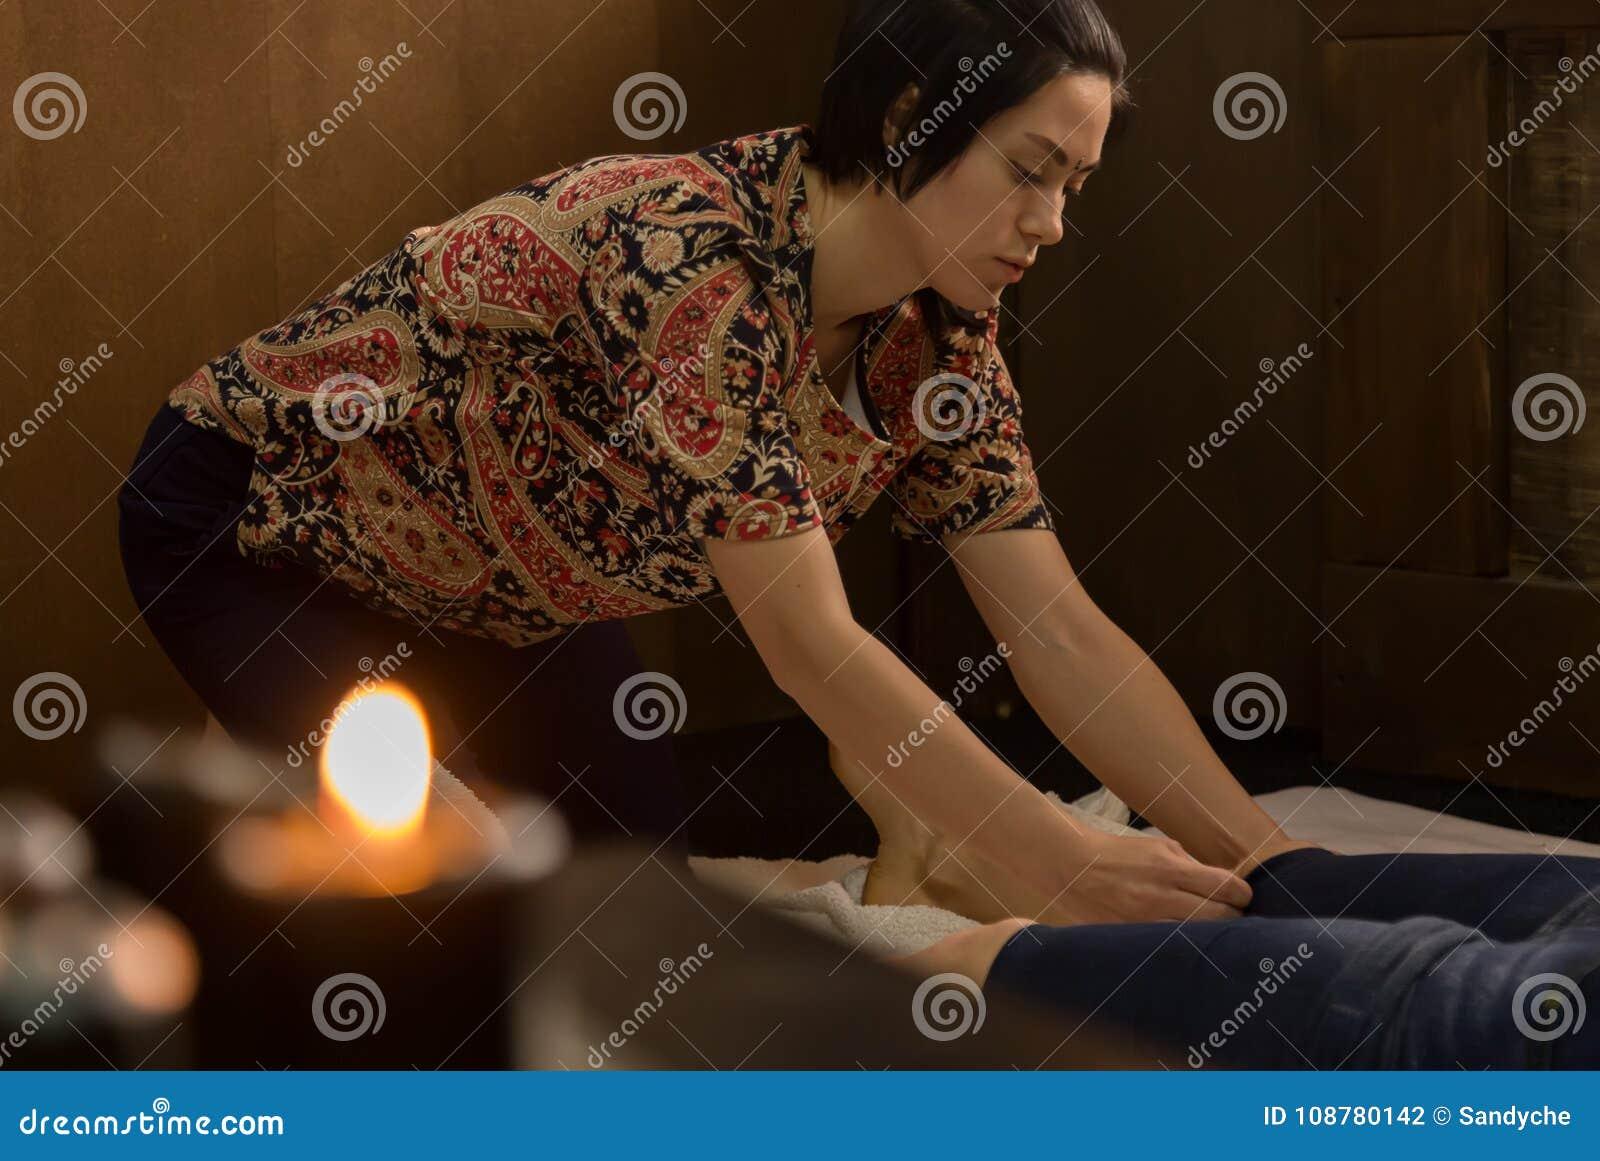 Тайские девушки массаж салон эротического массажа кунцево